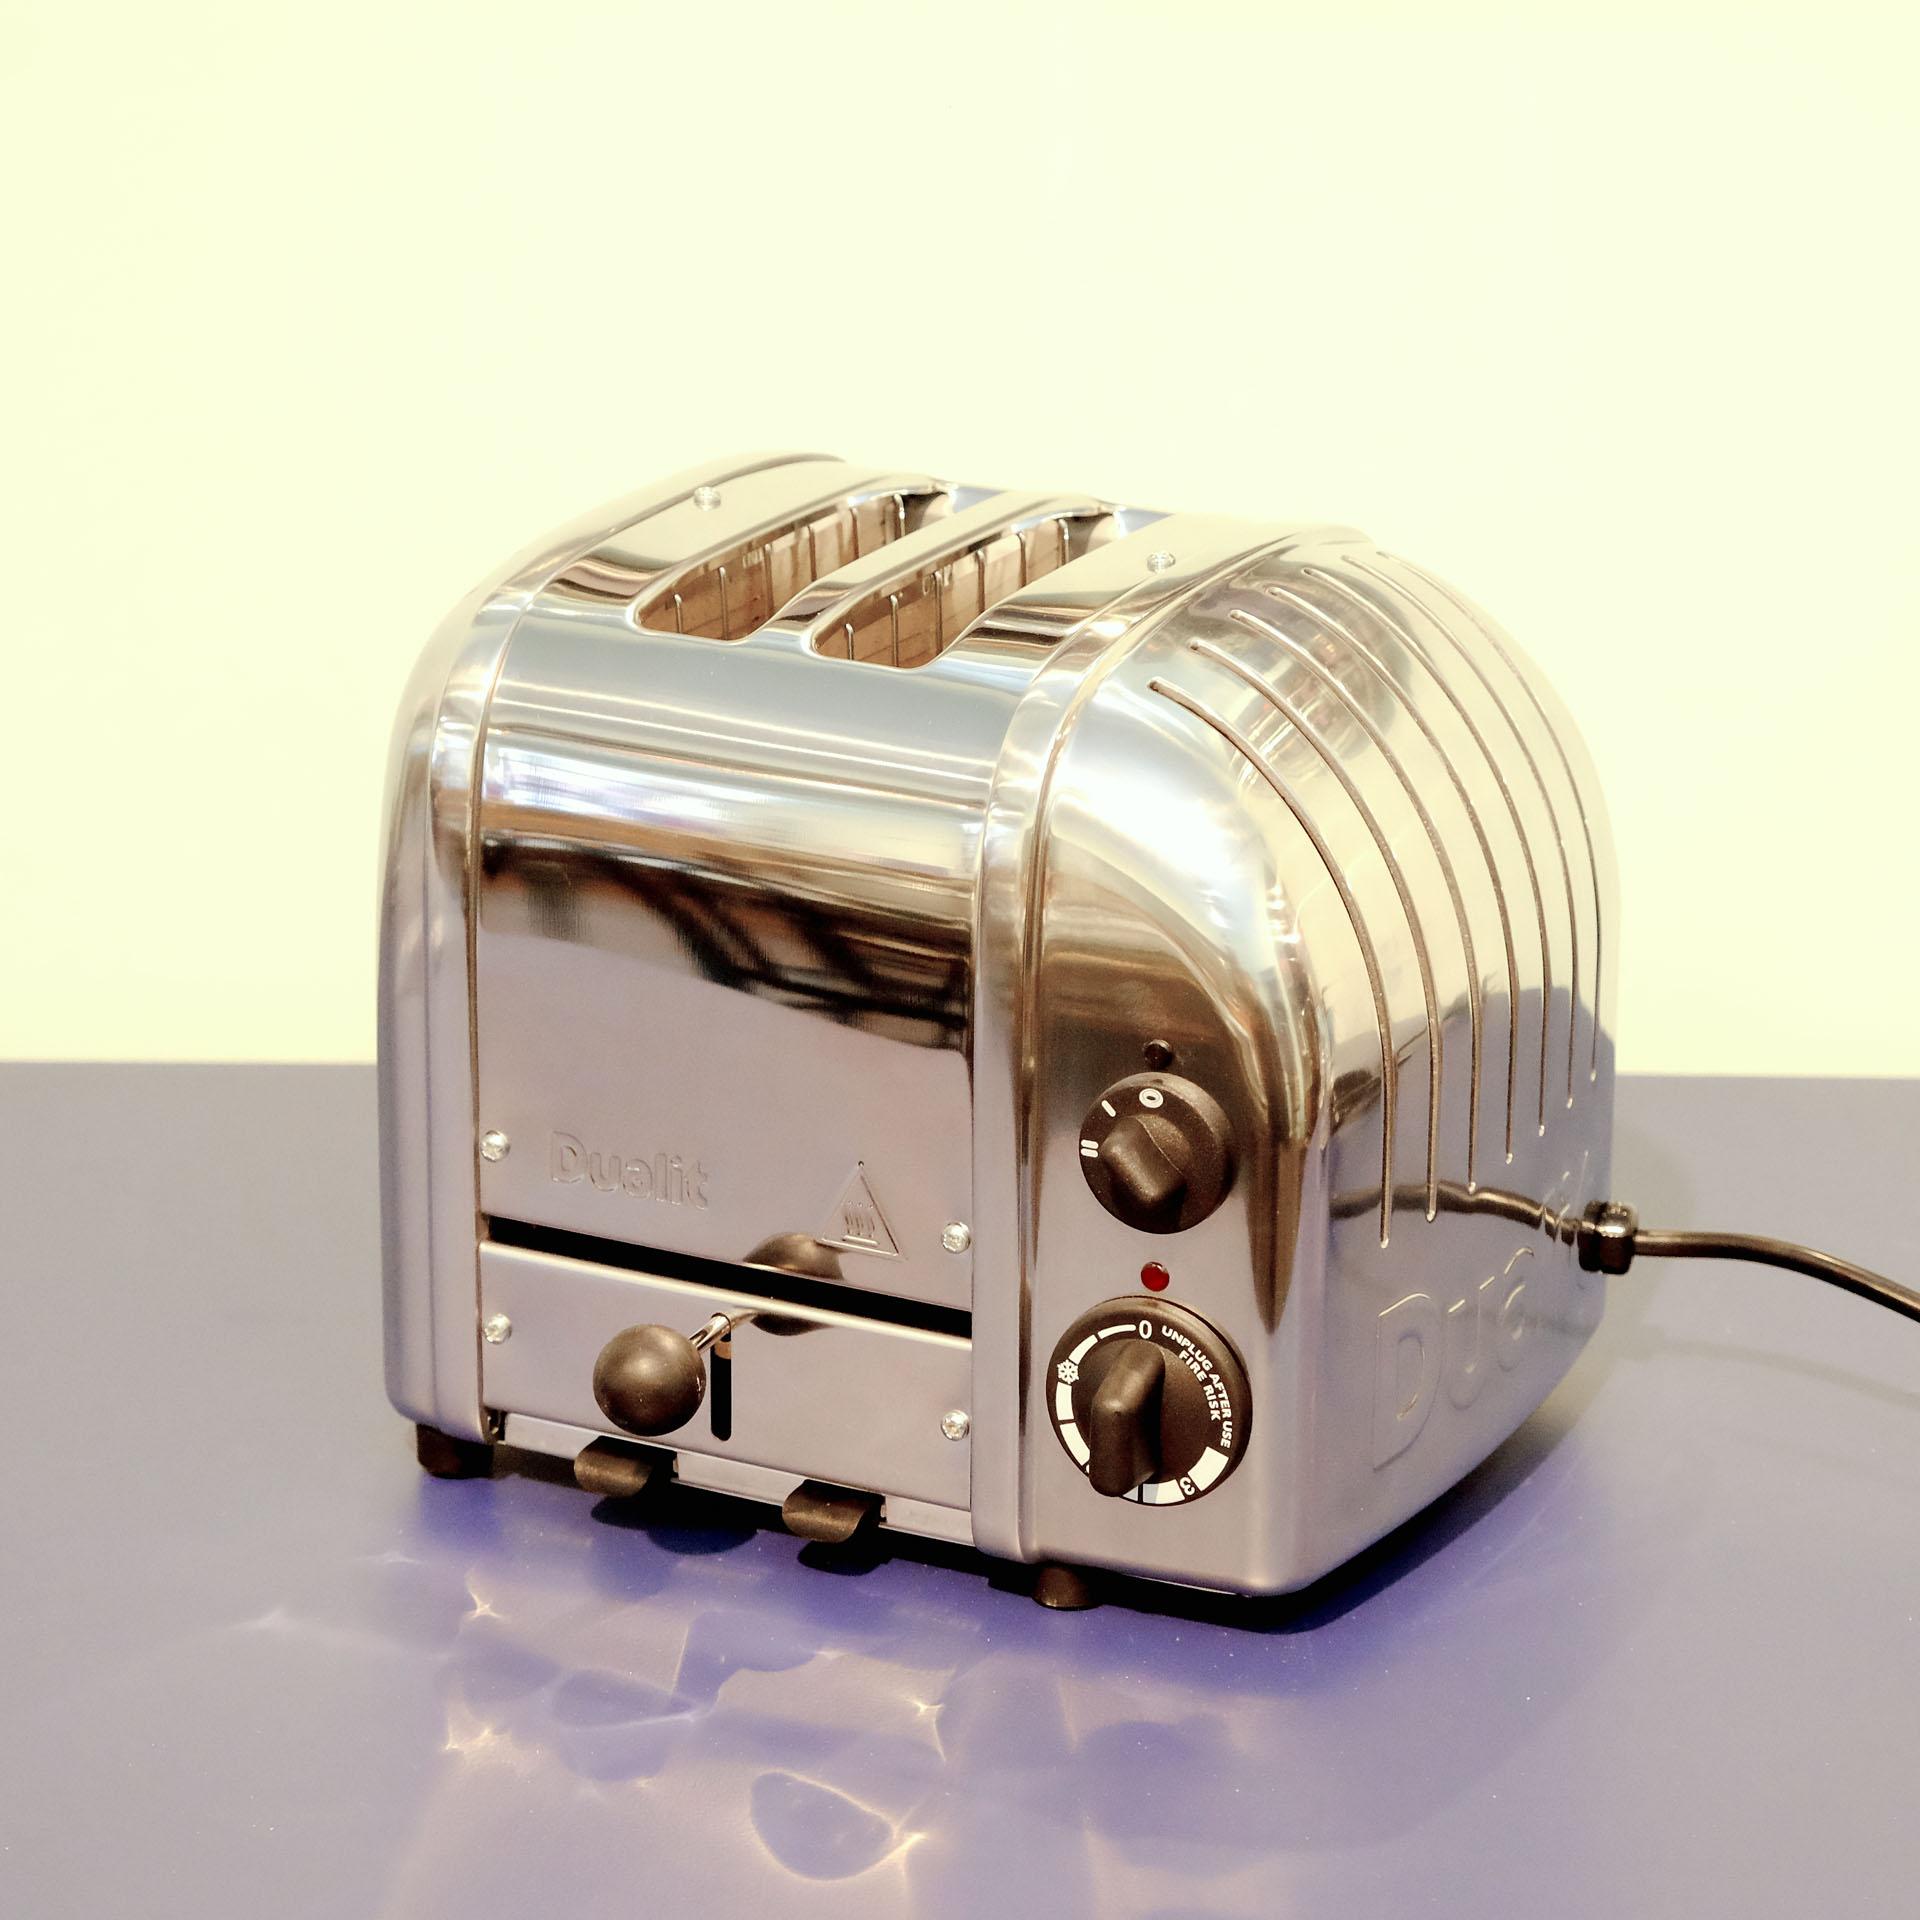 dualit-toaster-elektrogeraete-kueche-uwevanafferden